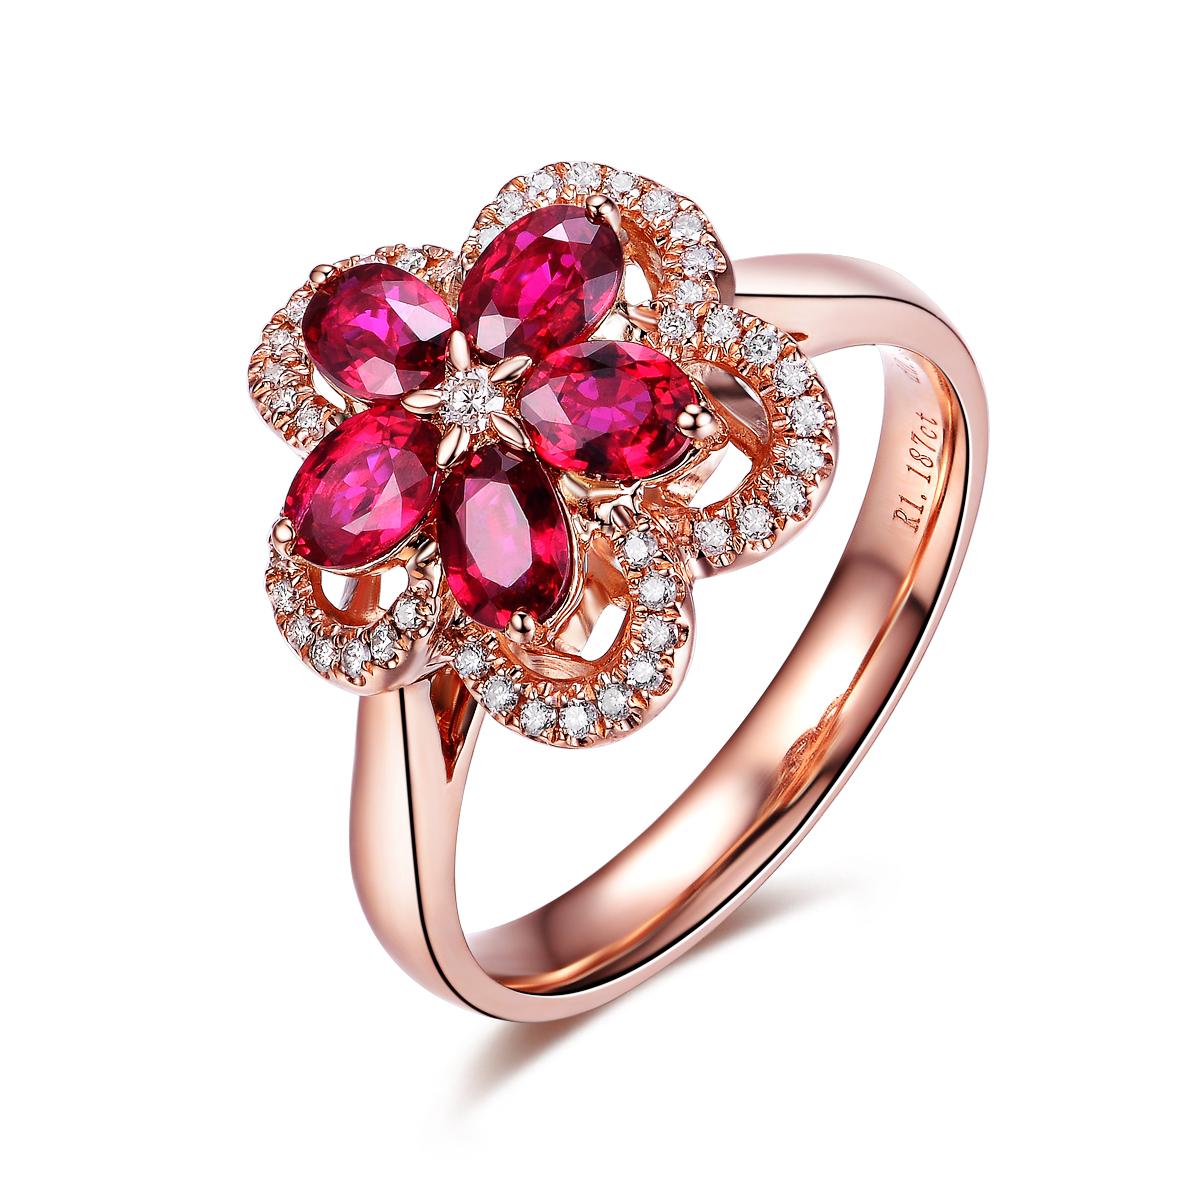 谈谈人造红宝石和天然红宝石 佐卡伊红宝石介绍